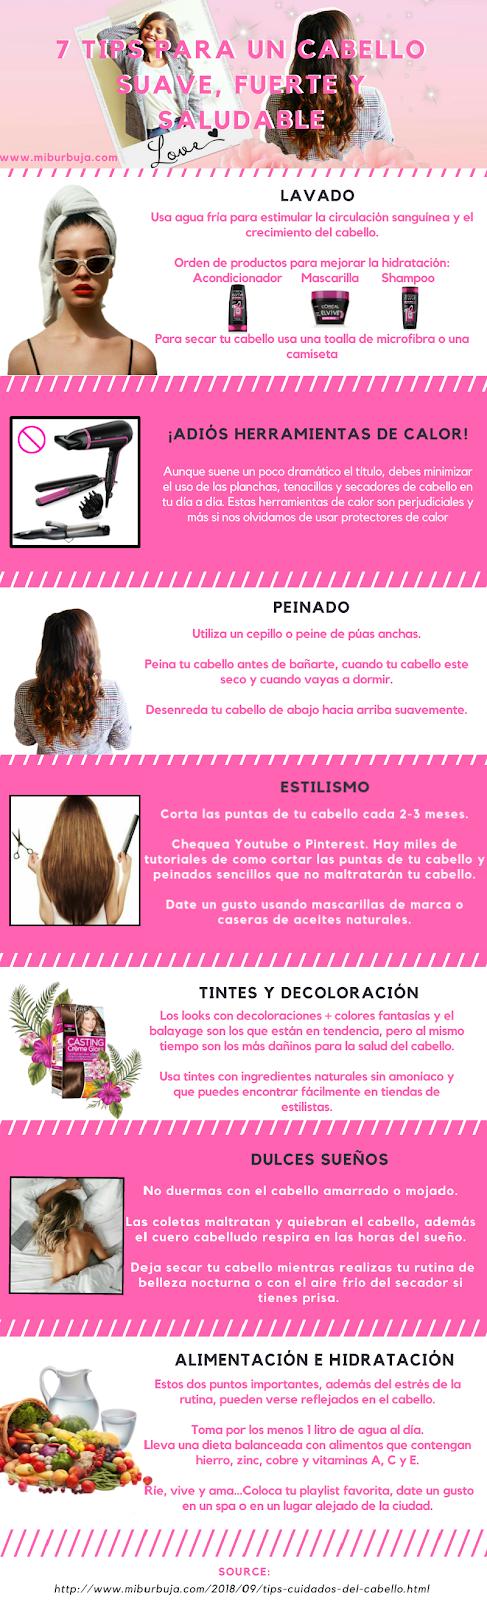 infografía tips cabello fuerte y saludable